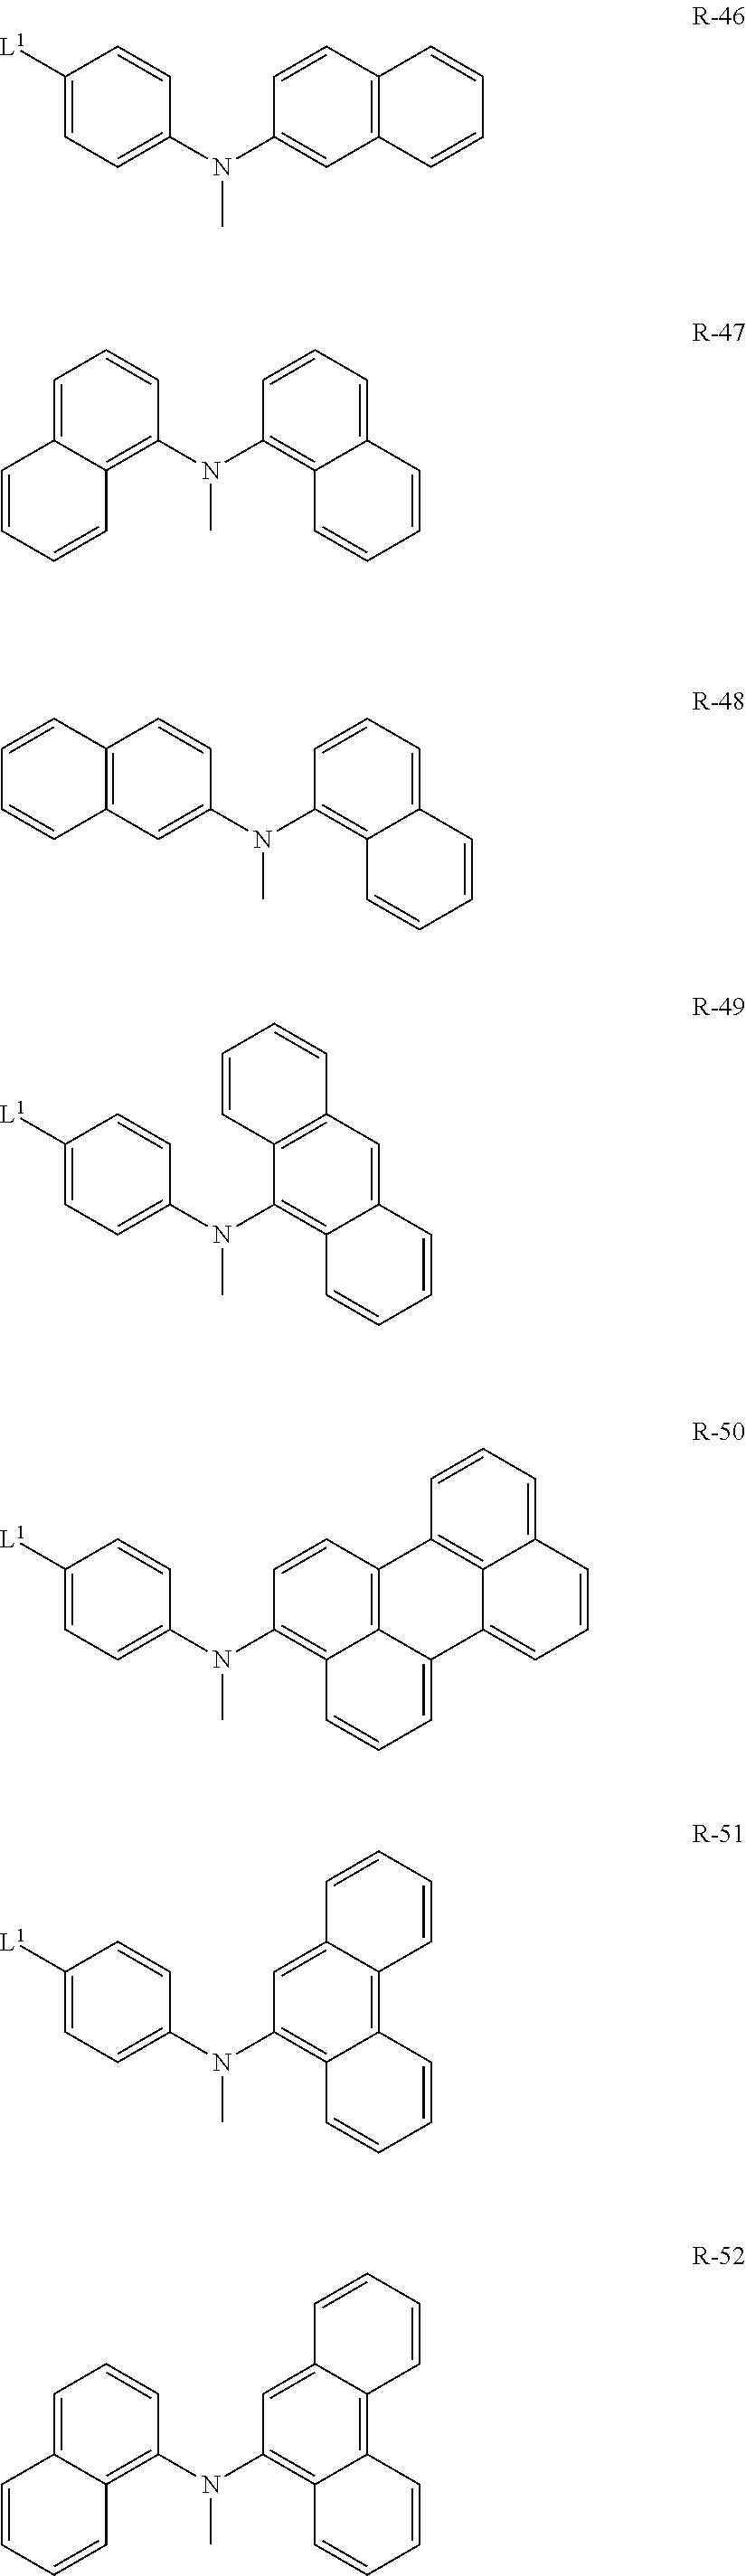 Figure US20110215312A1-20110908-C00024